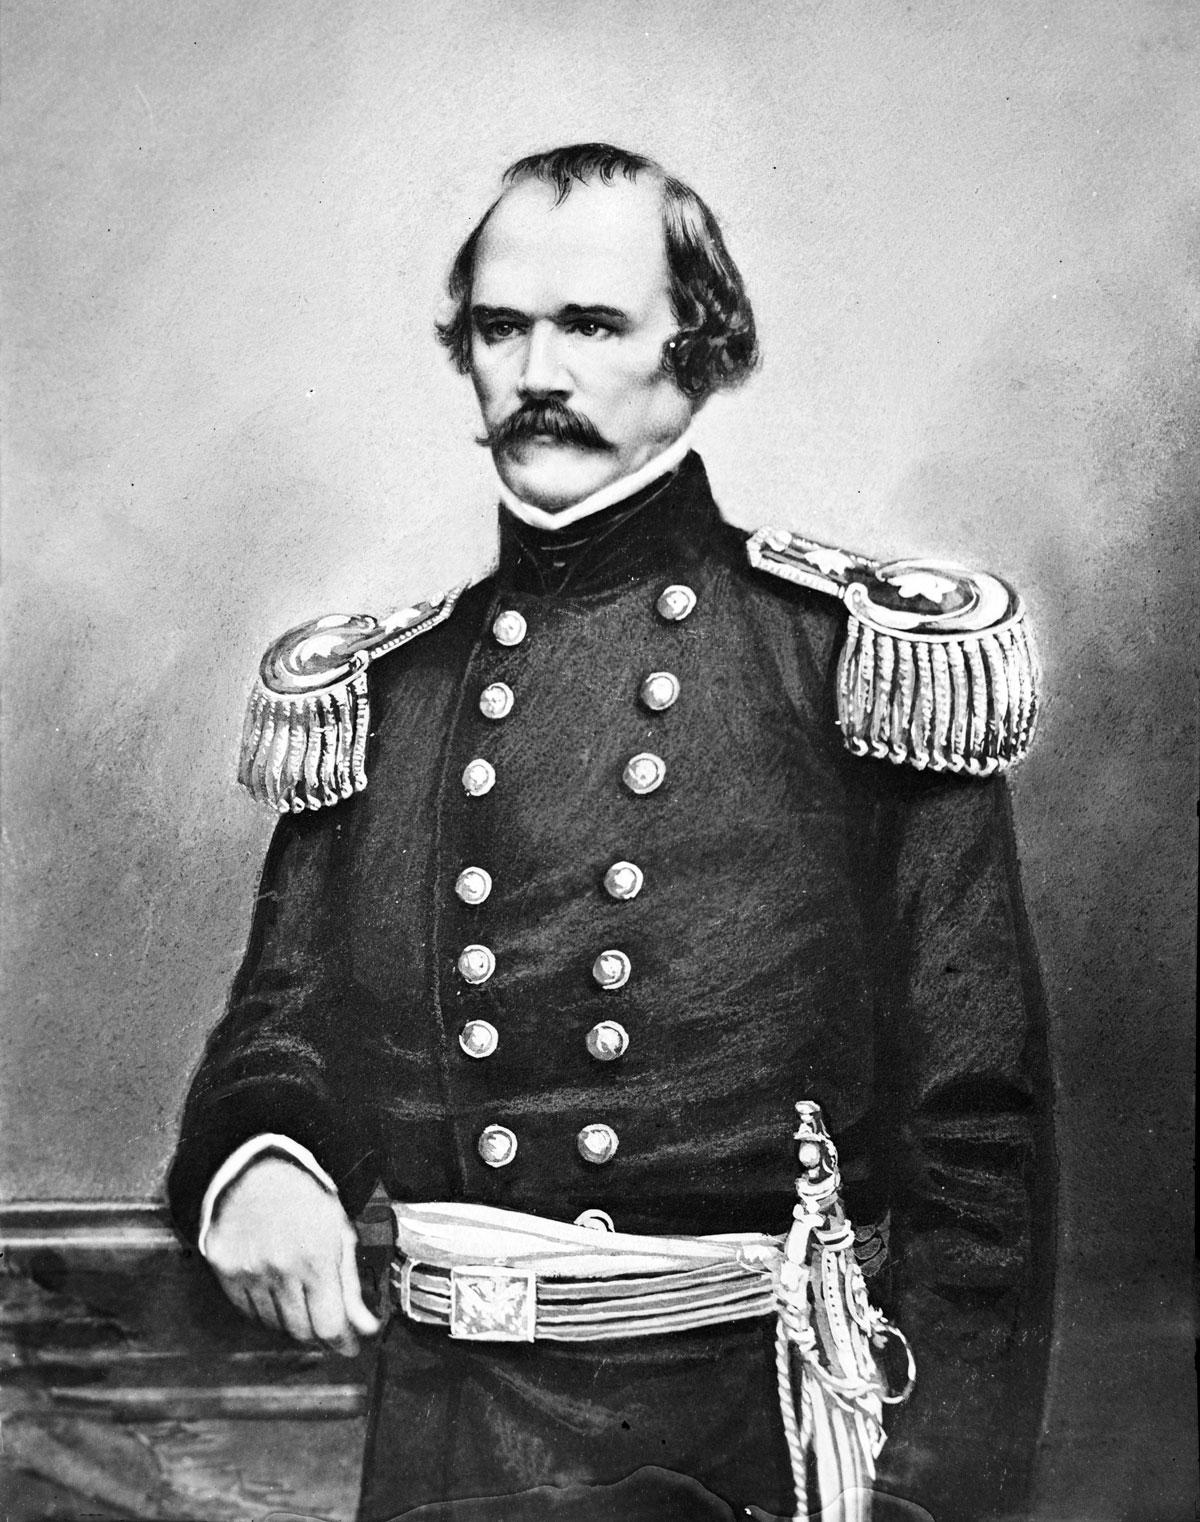 Albert Sidney Johnston - Wikipedia